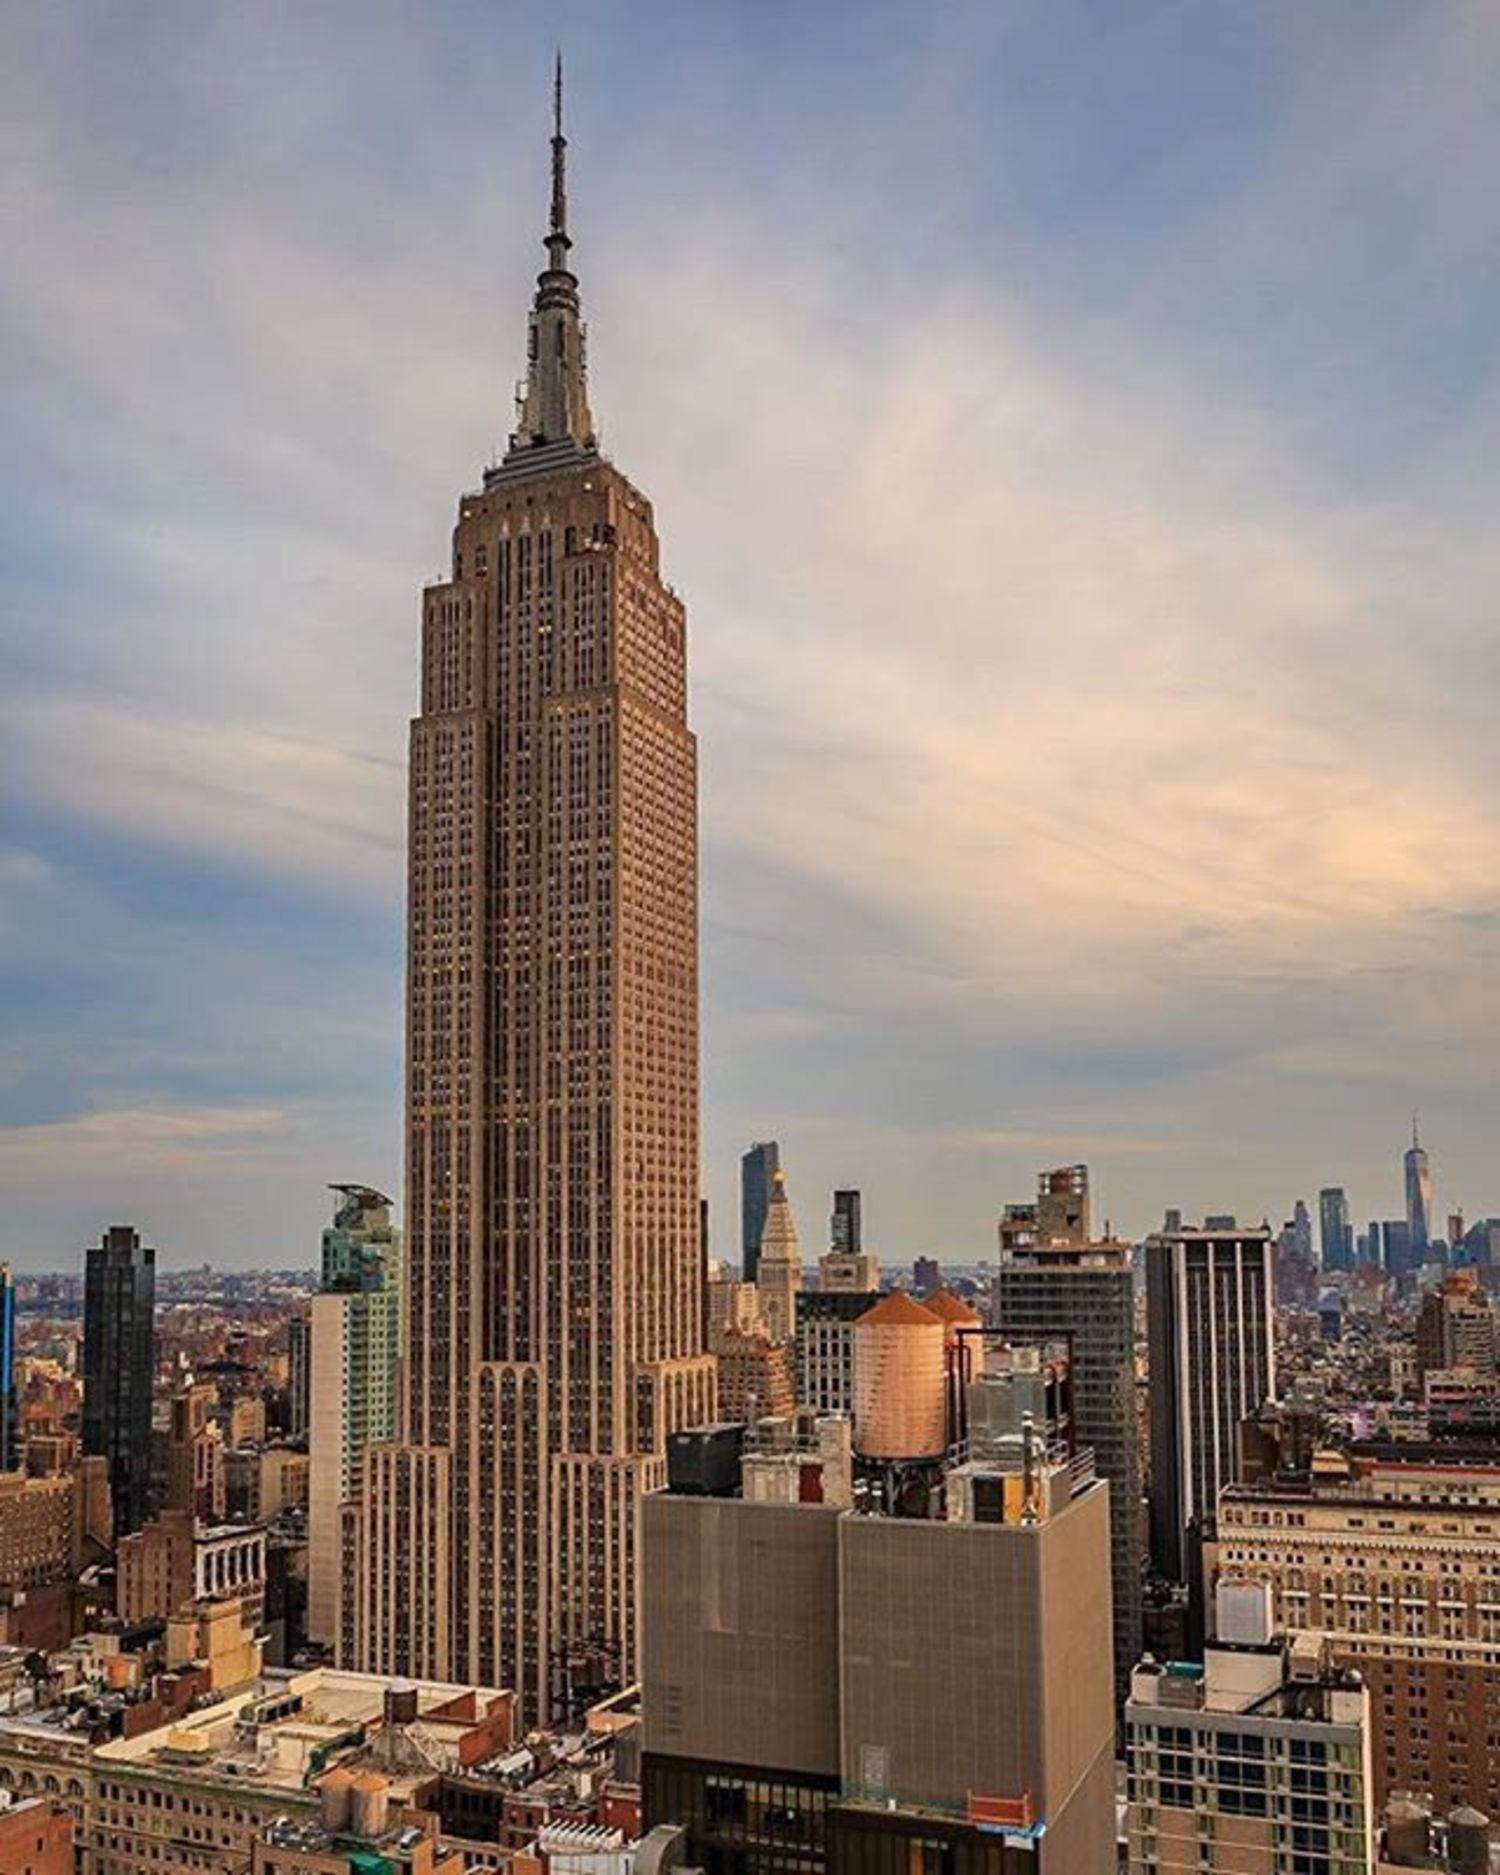 Empire State Building, New York, New York. Photo via @killahwave #viewingnyc #newyorkcity #newyork